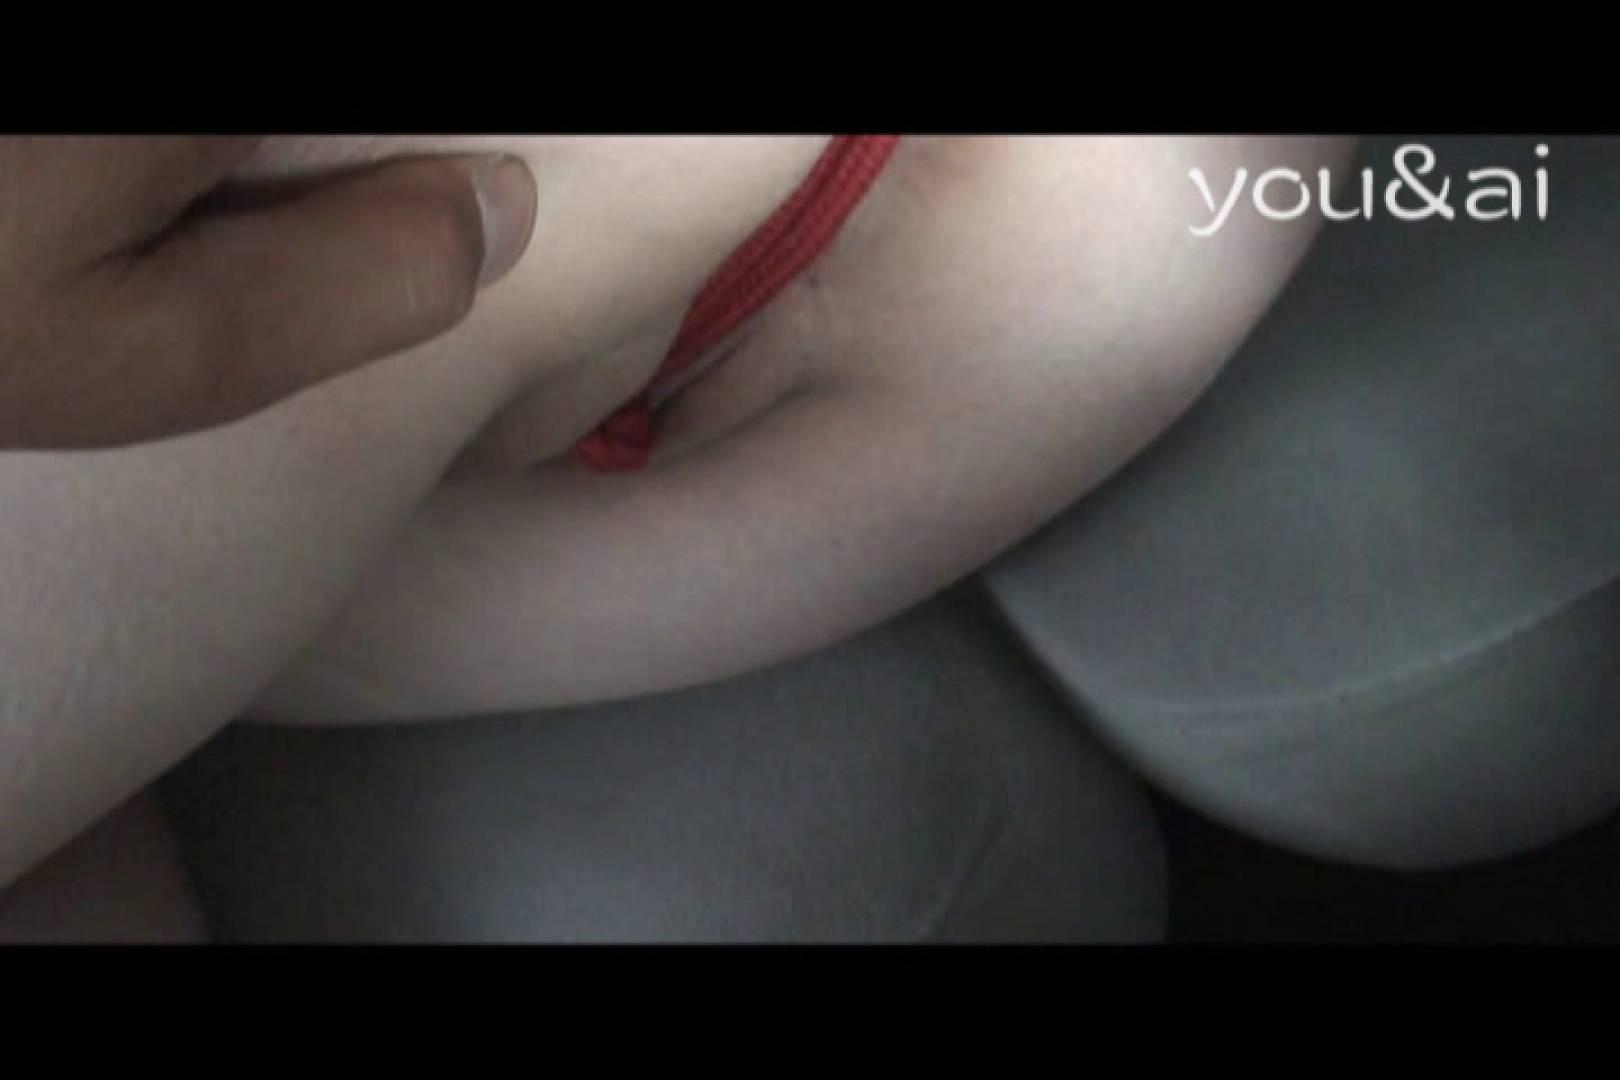 おしどり夫婦のyou&aiさん投稿作品vol.4 カーセックス アダルト動画キャプチャ 71pic 15